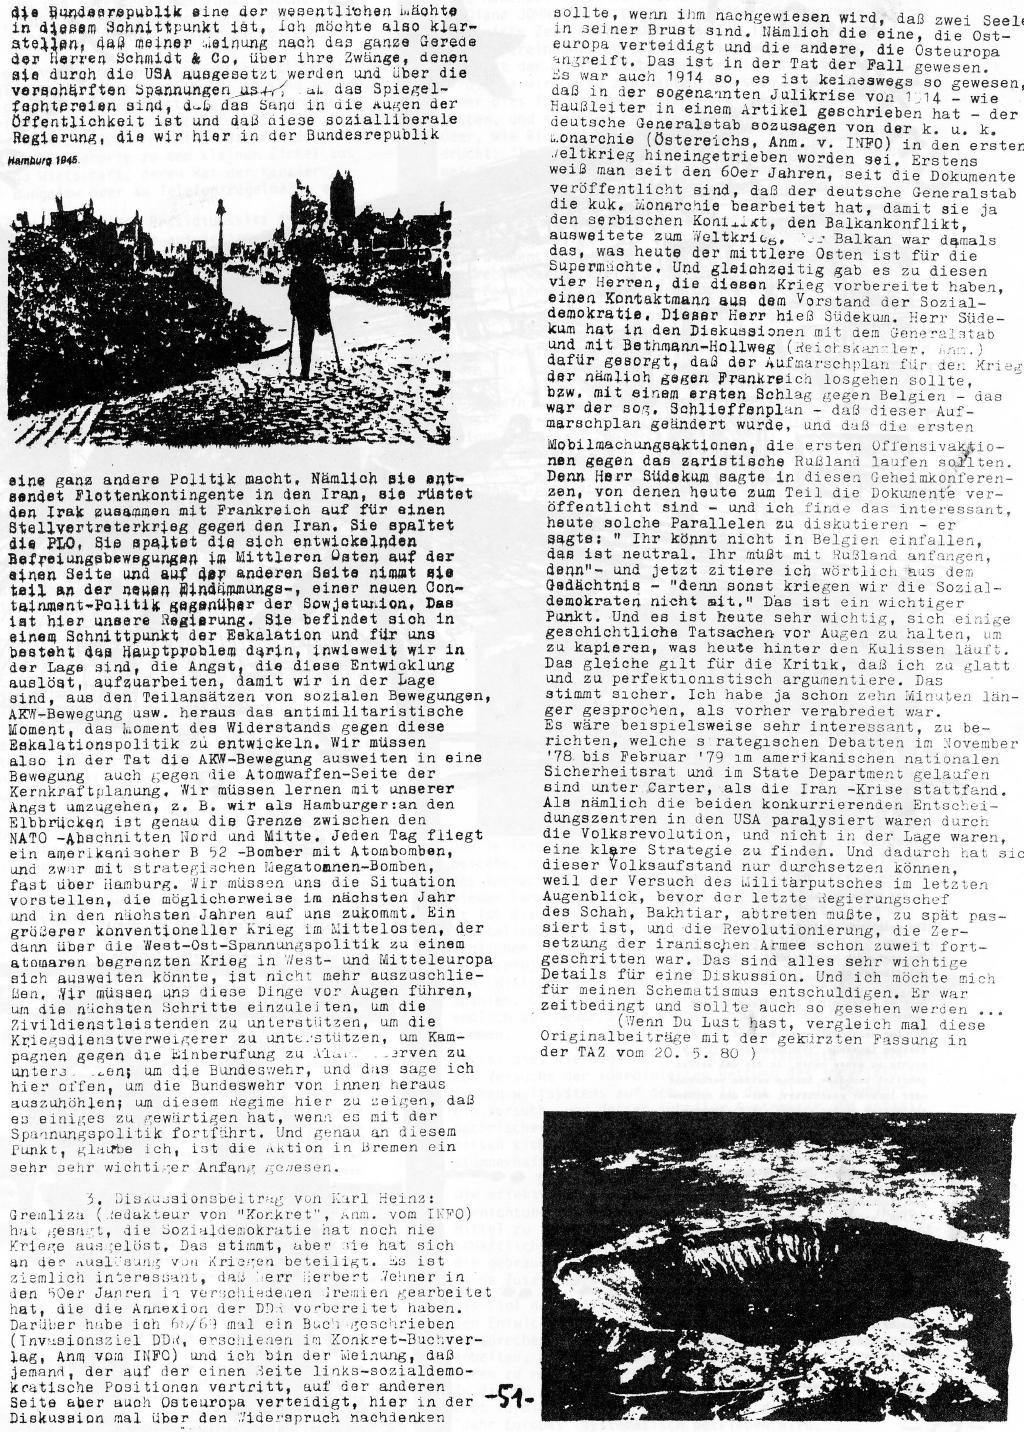 Bremen_1980_NATO_Broschuere_51